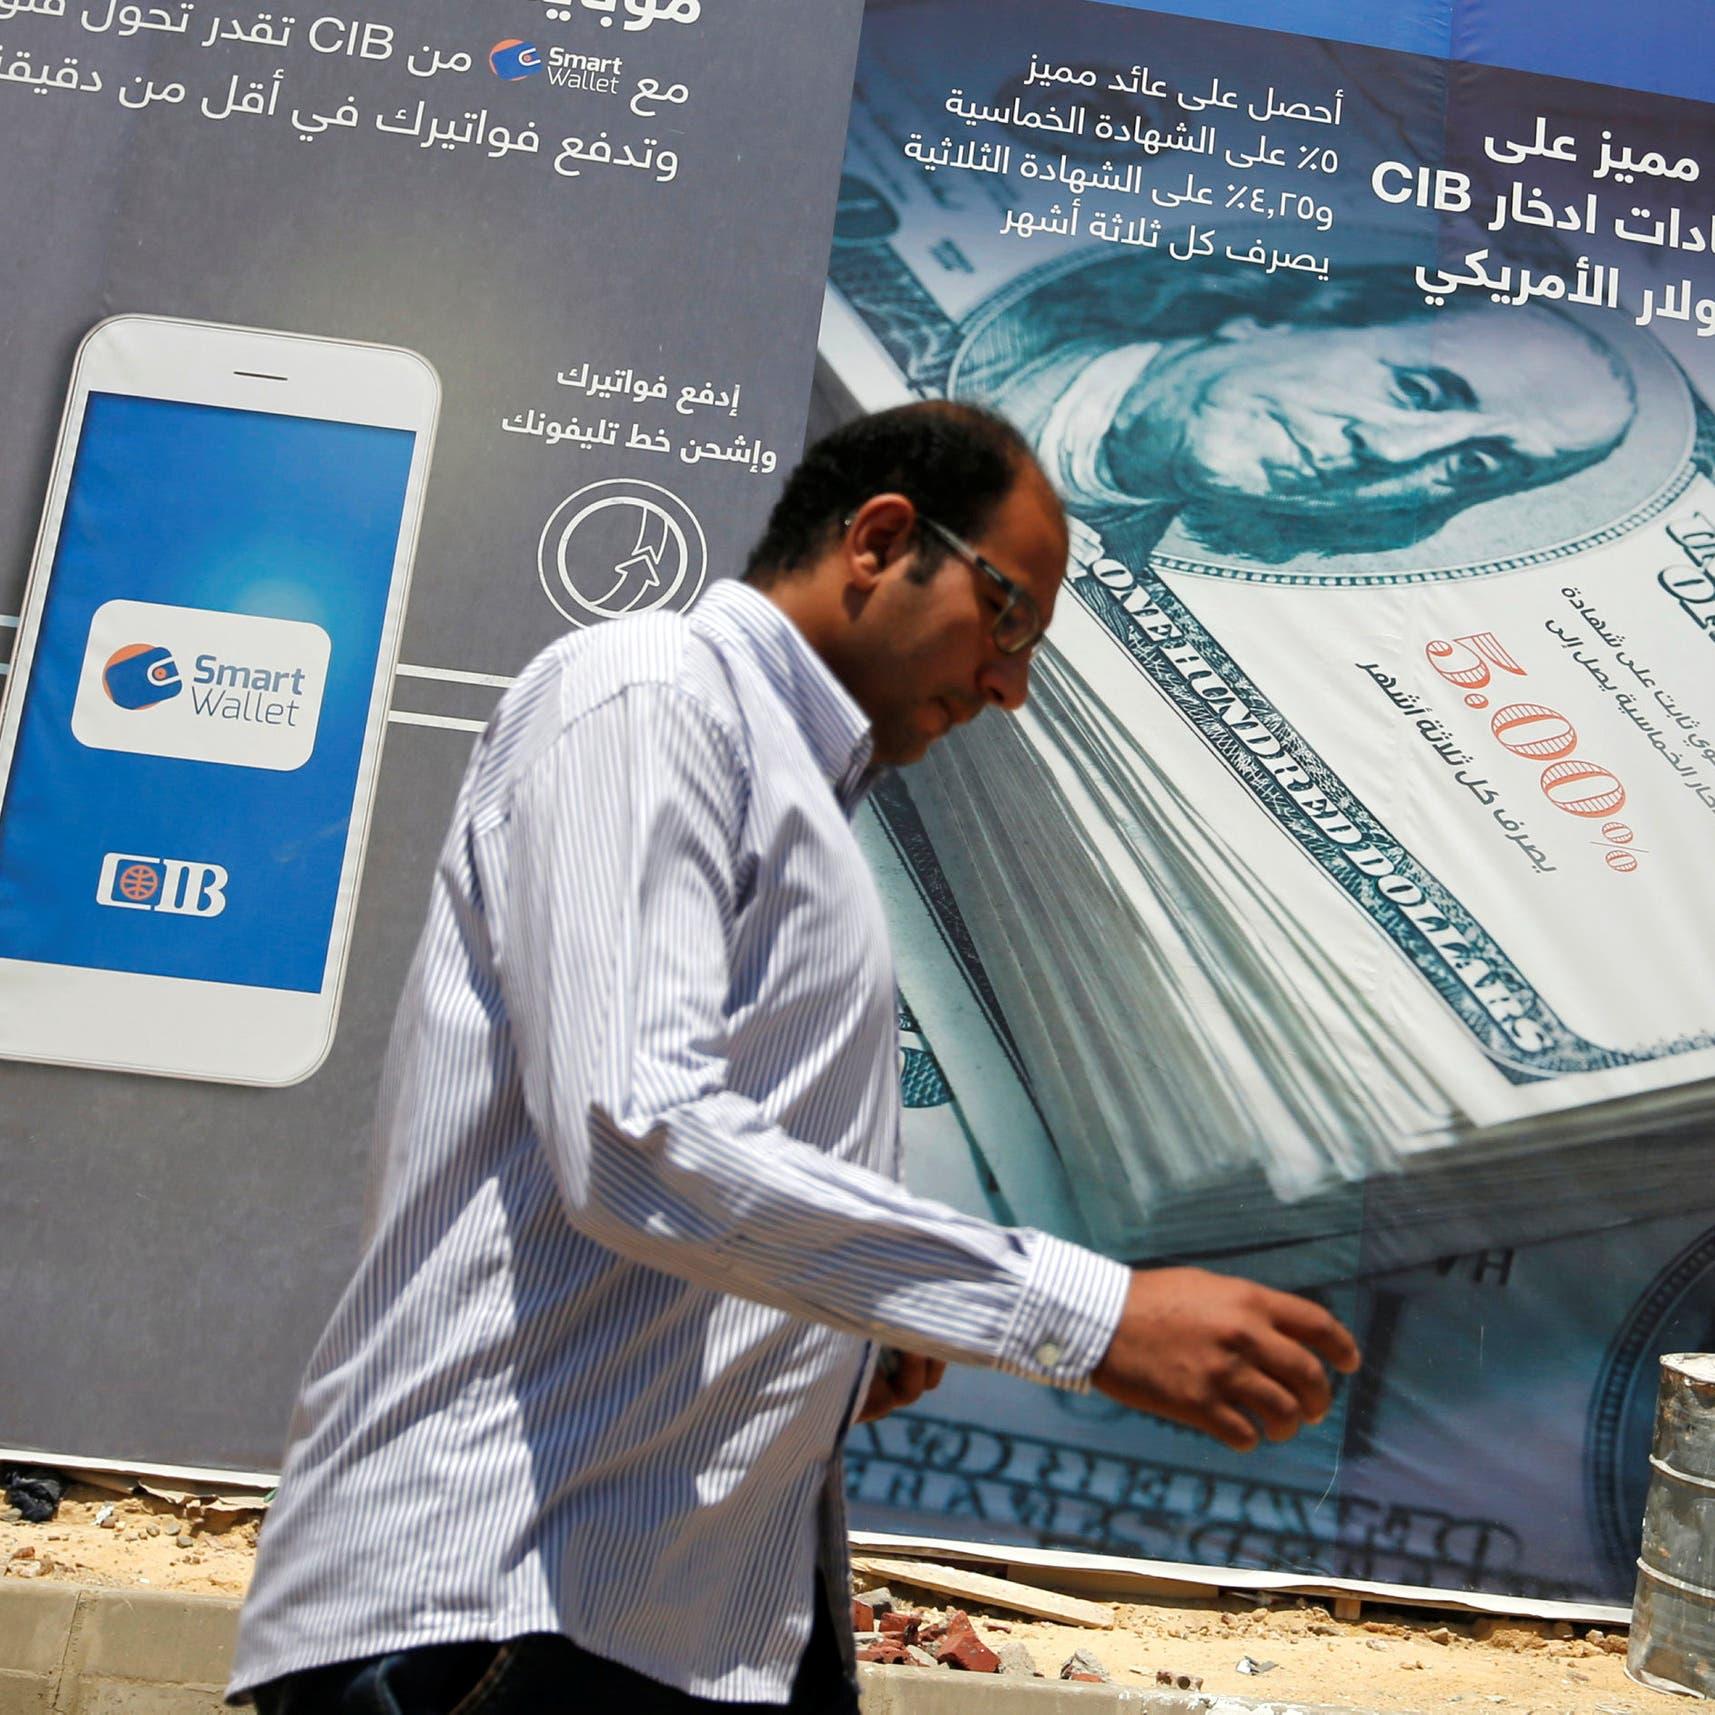 مصر تدعم العمالة غير المنتظمة بـ 274 مليون دولار